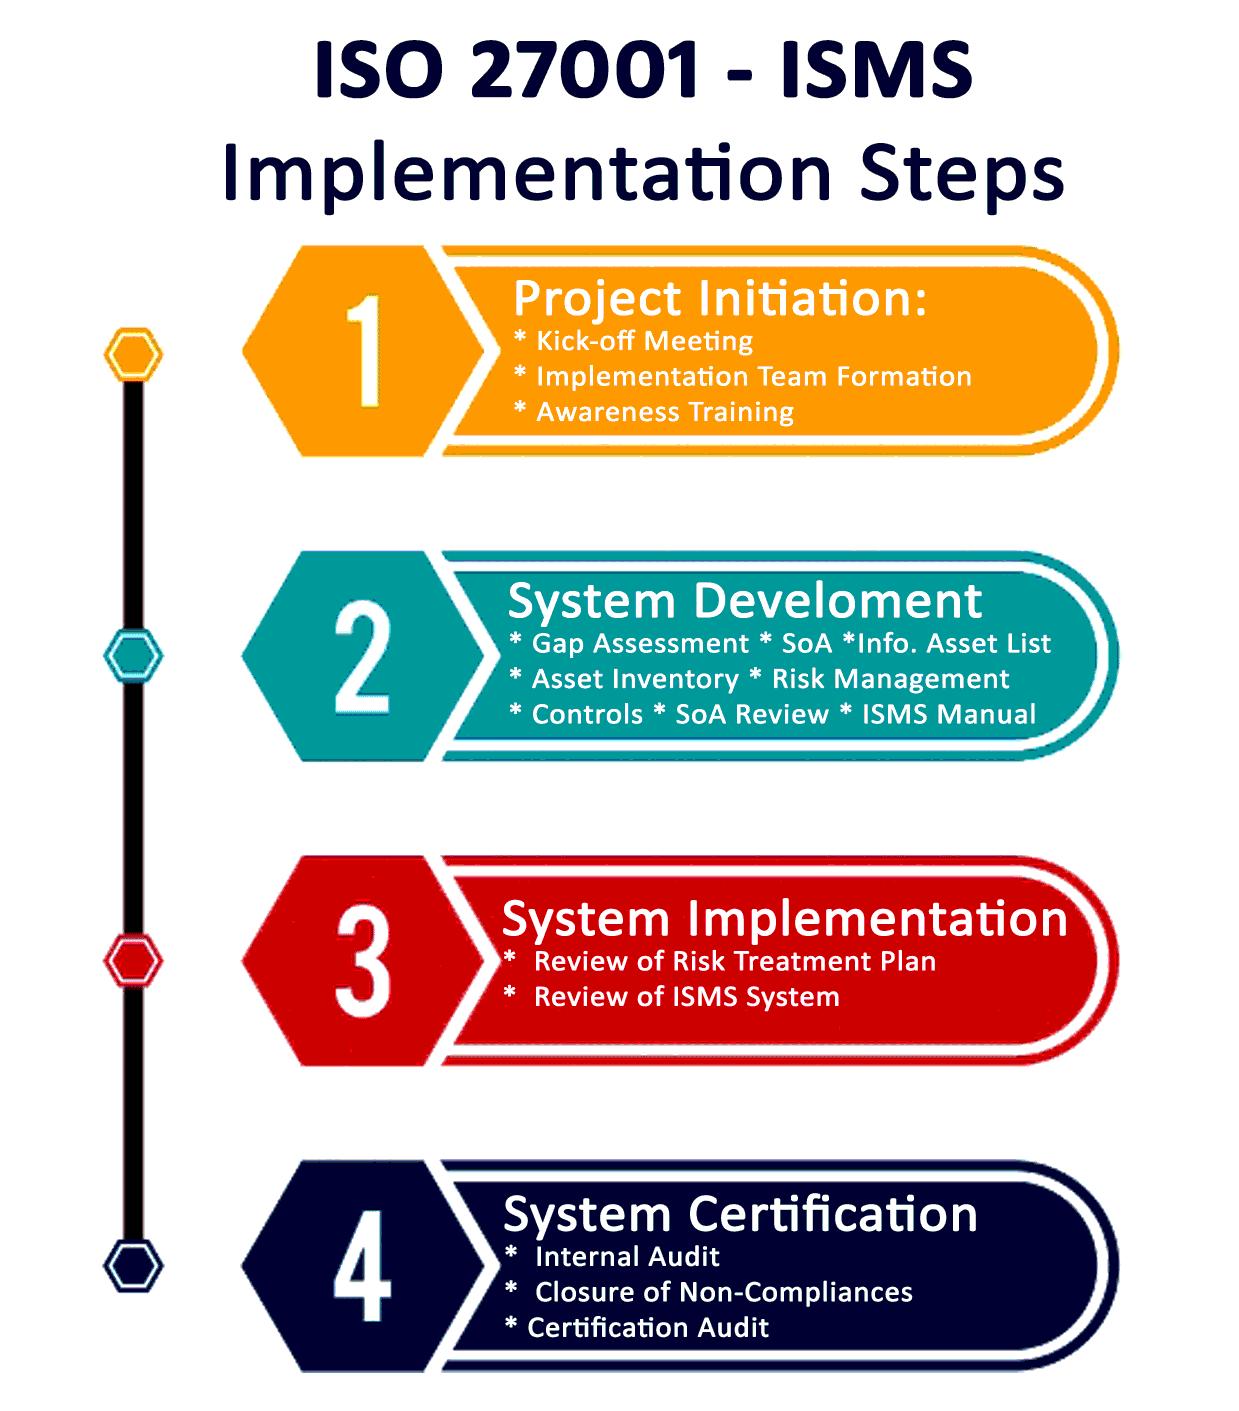 ISMS Implementation Steps